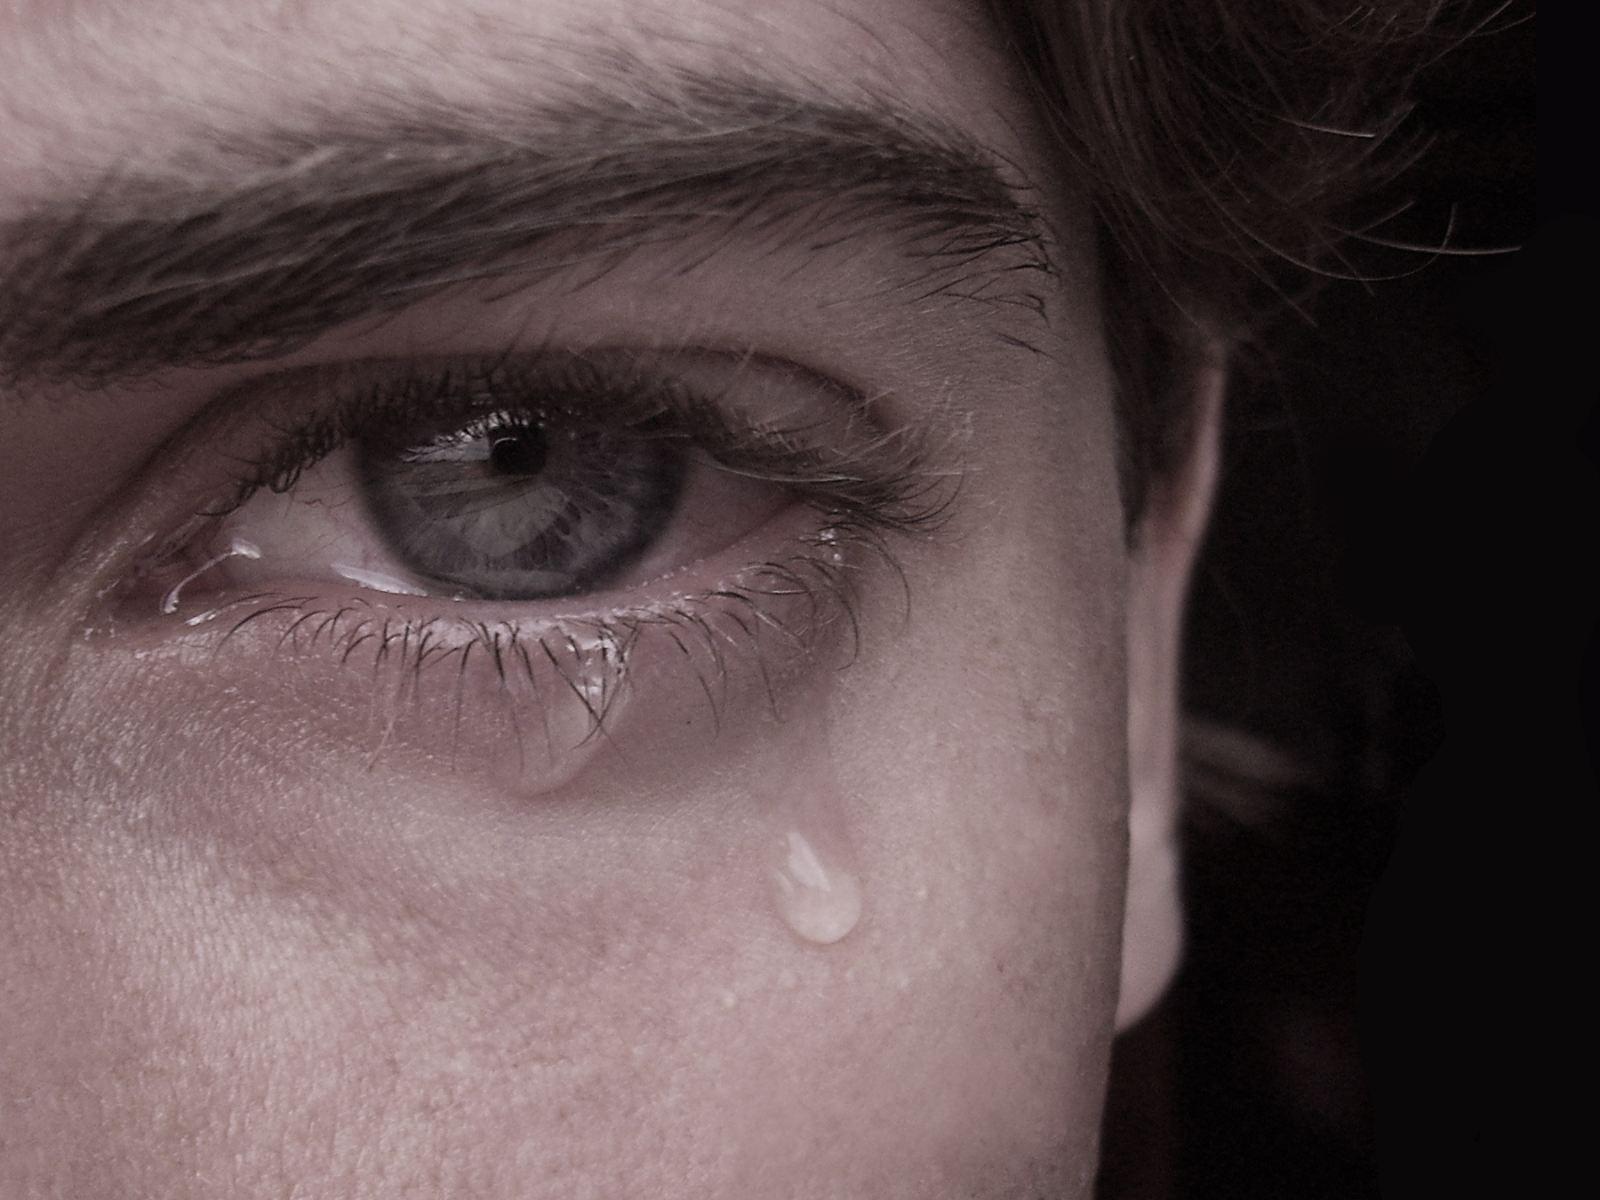 صورة الحزن الشديد , وجع و الم الحزن